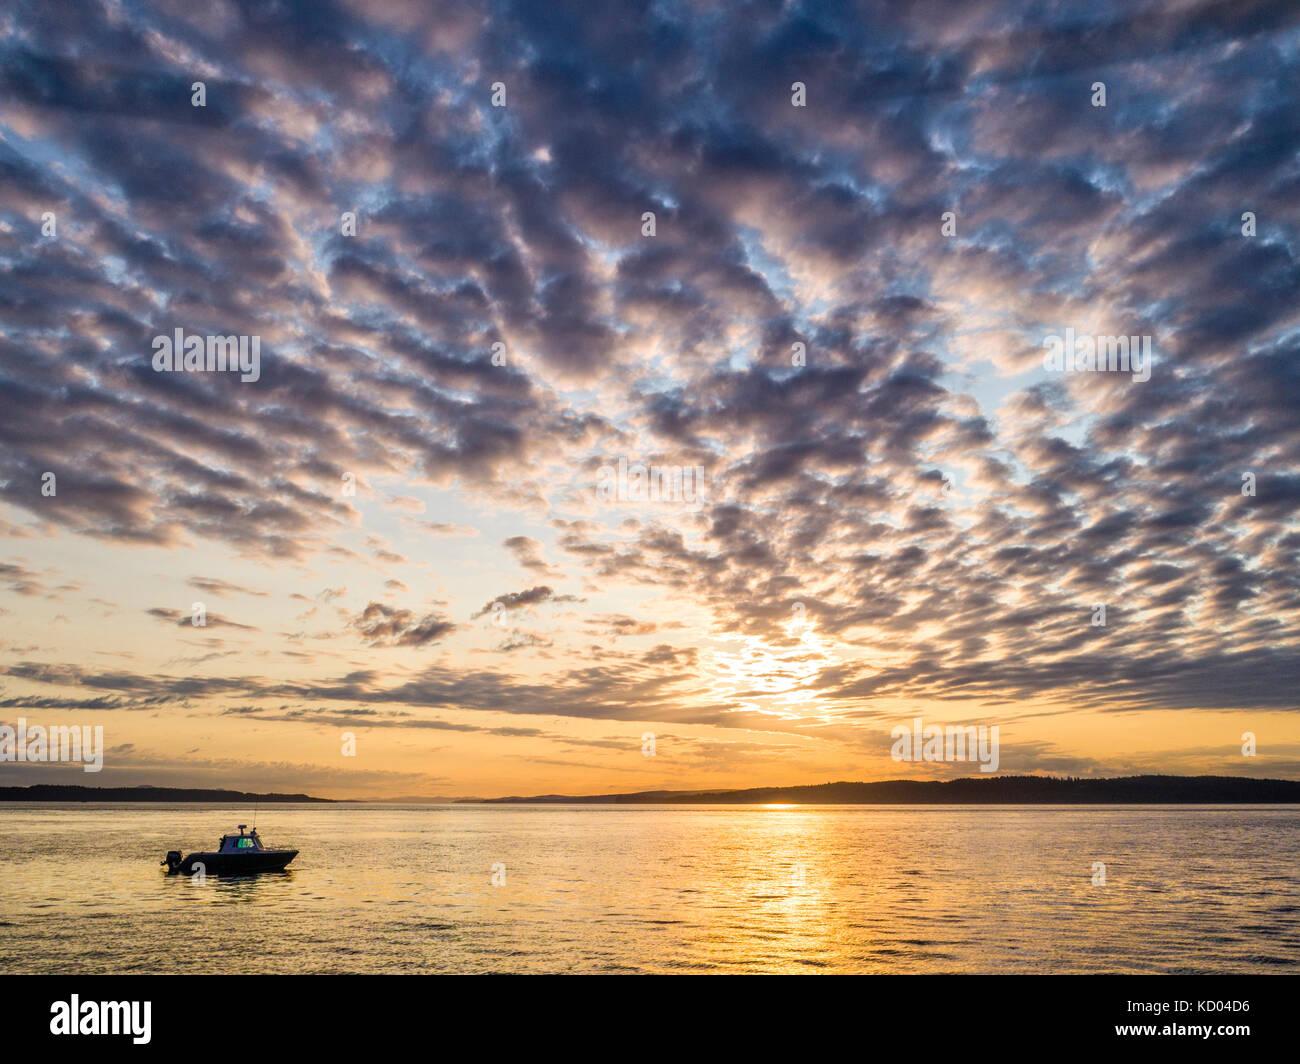 El 'ambient light' excursión en barco de la isla de Vancouver (Foto recorridos) durante la puesta de Imagen De Stock